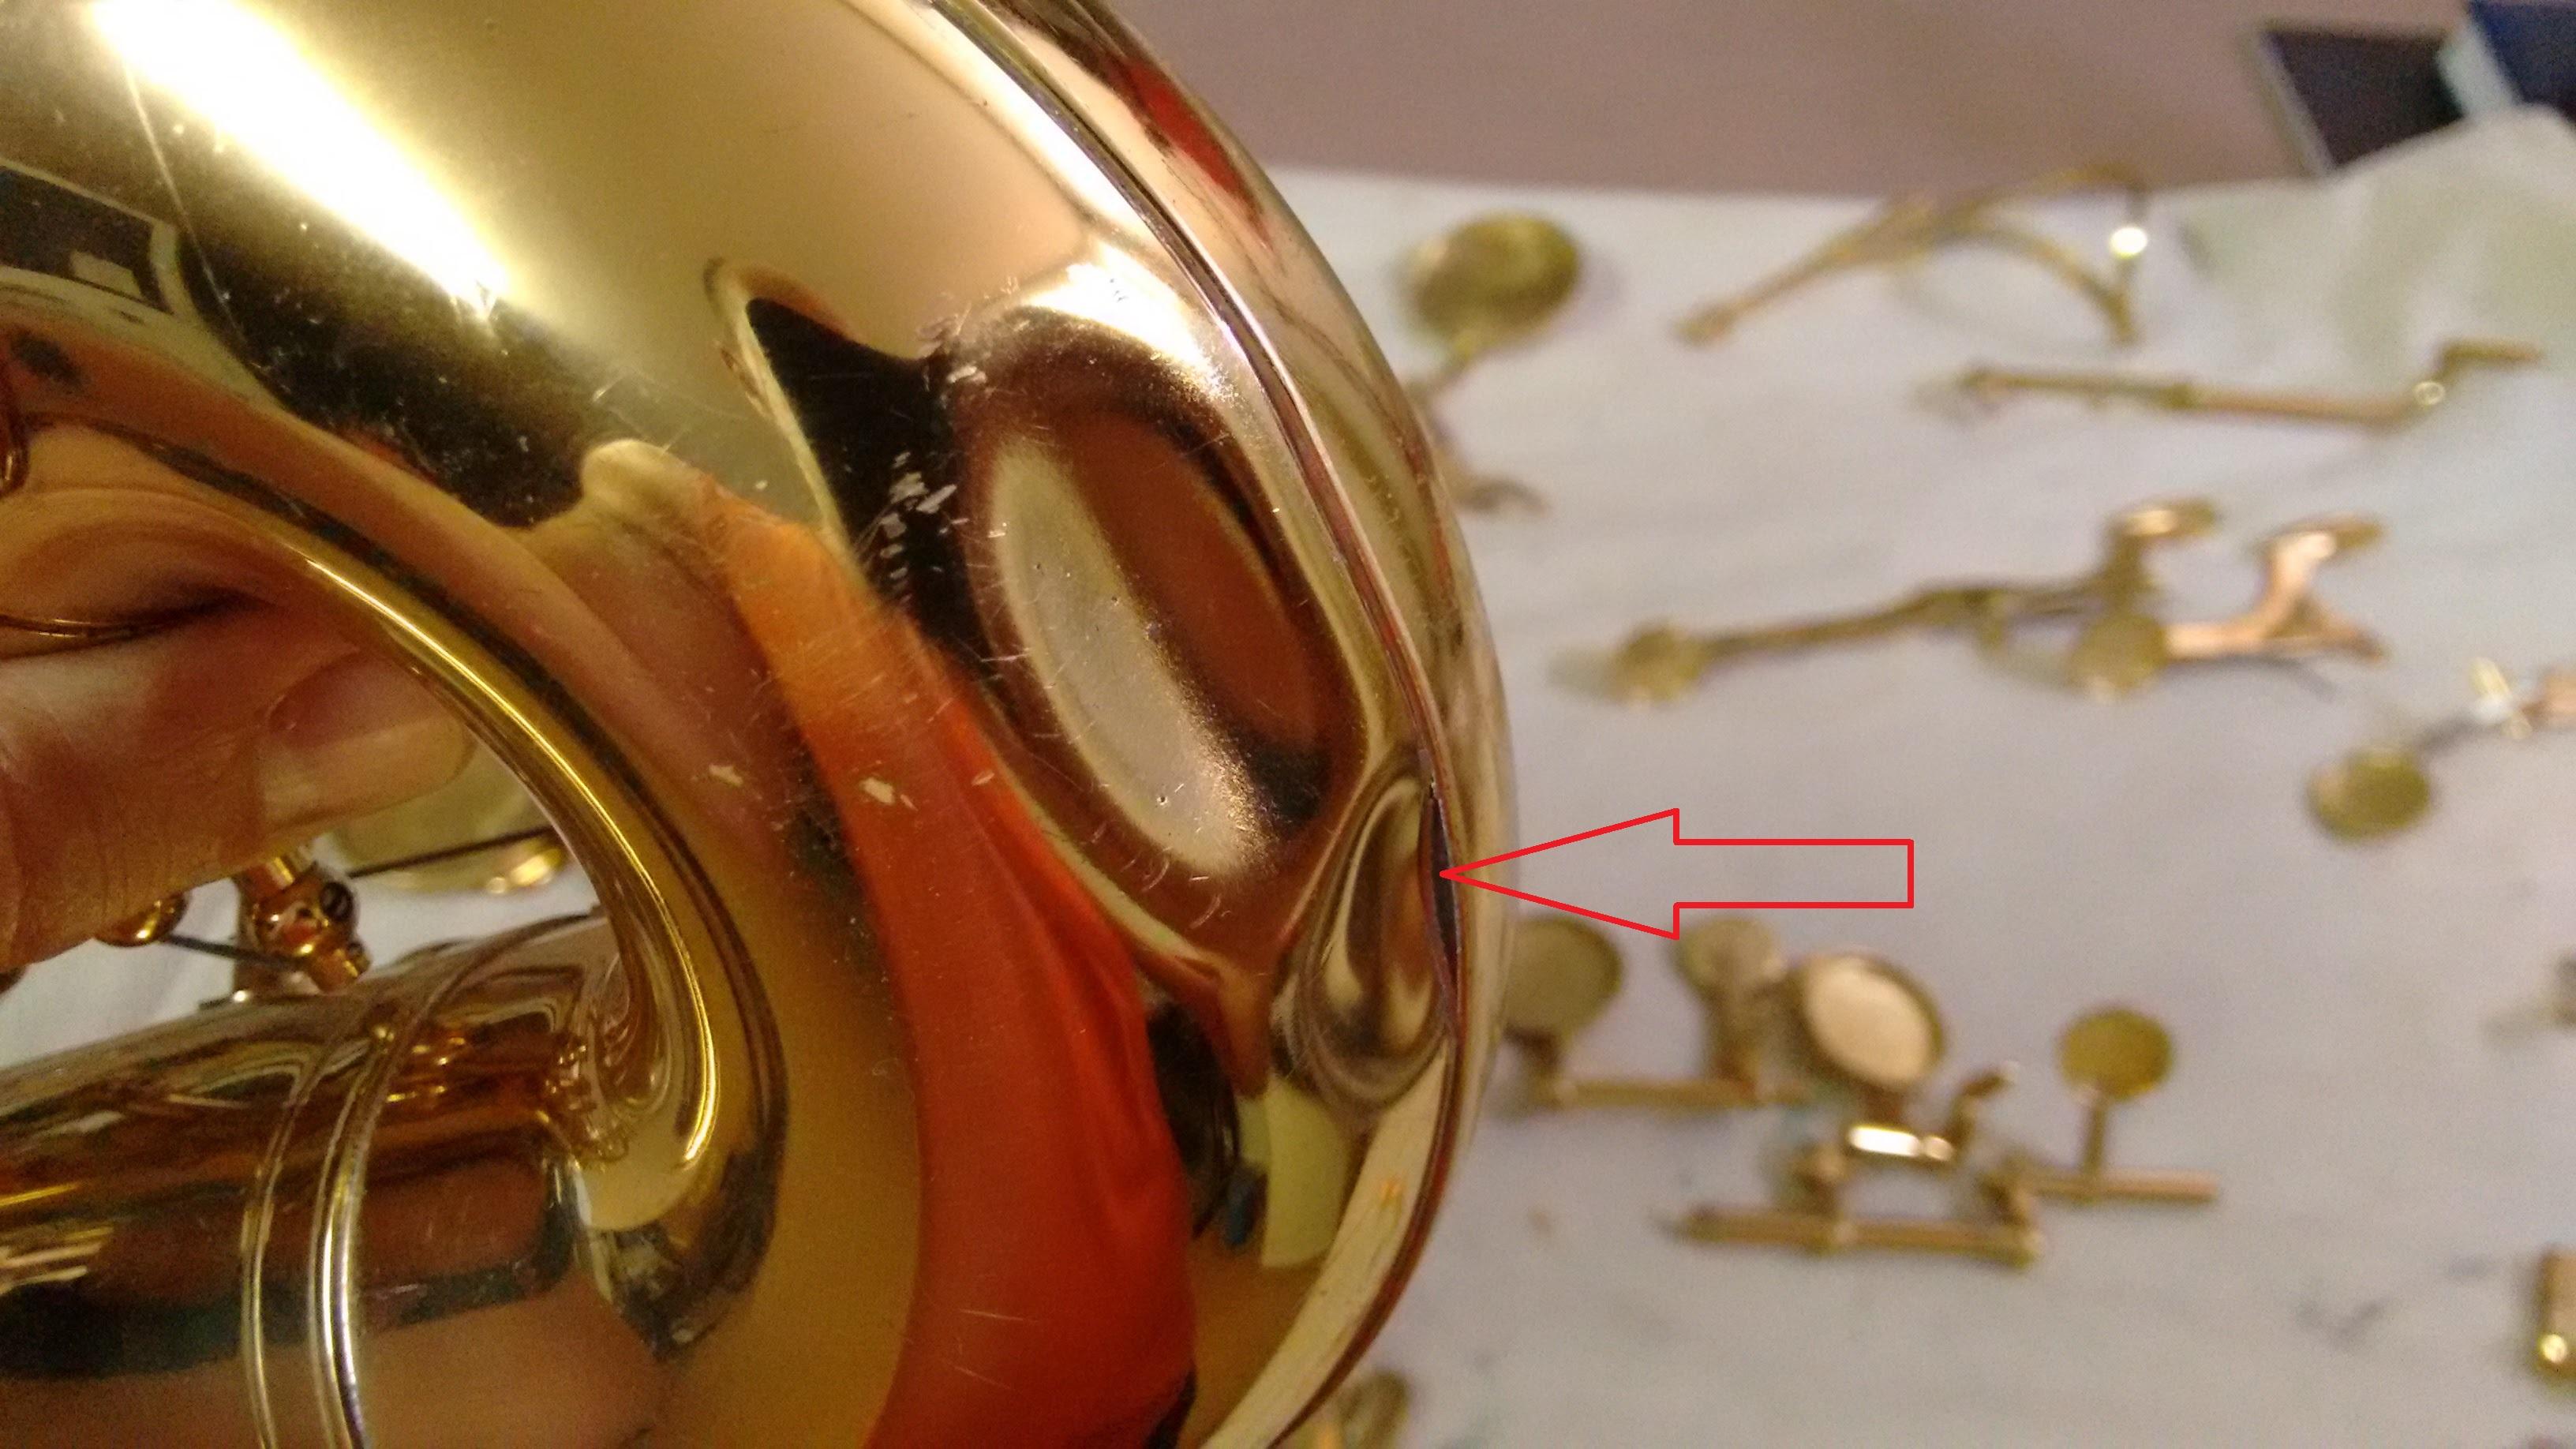 Se puede observar como también se ha desoldado la pletina que hace de refuerzo del curvo